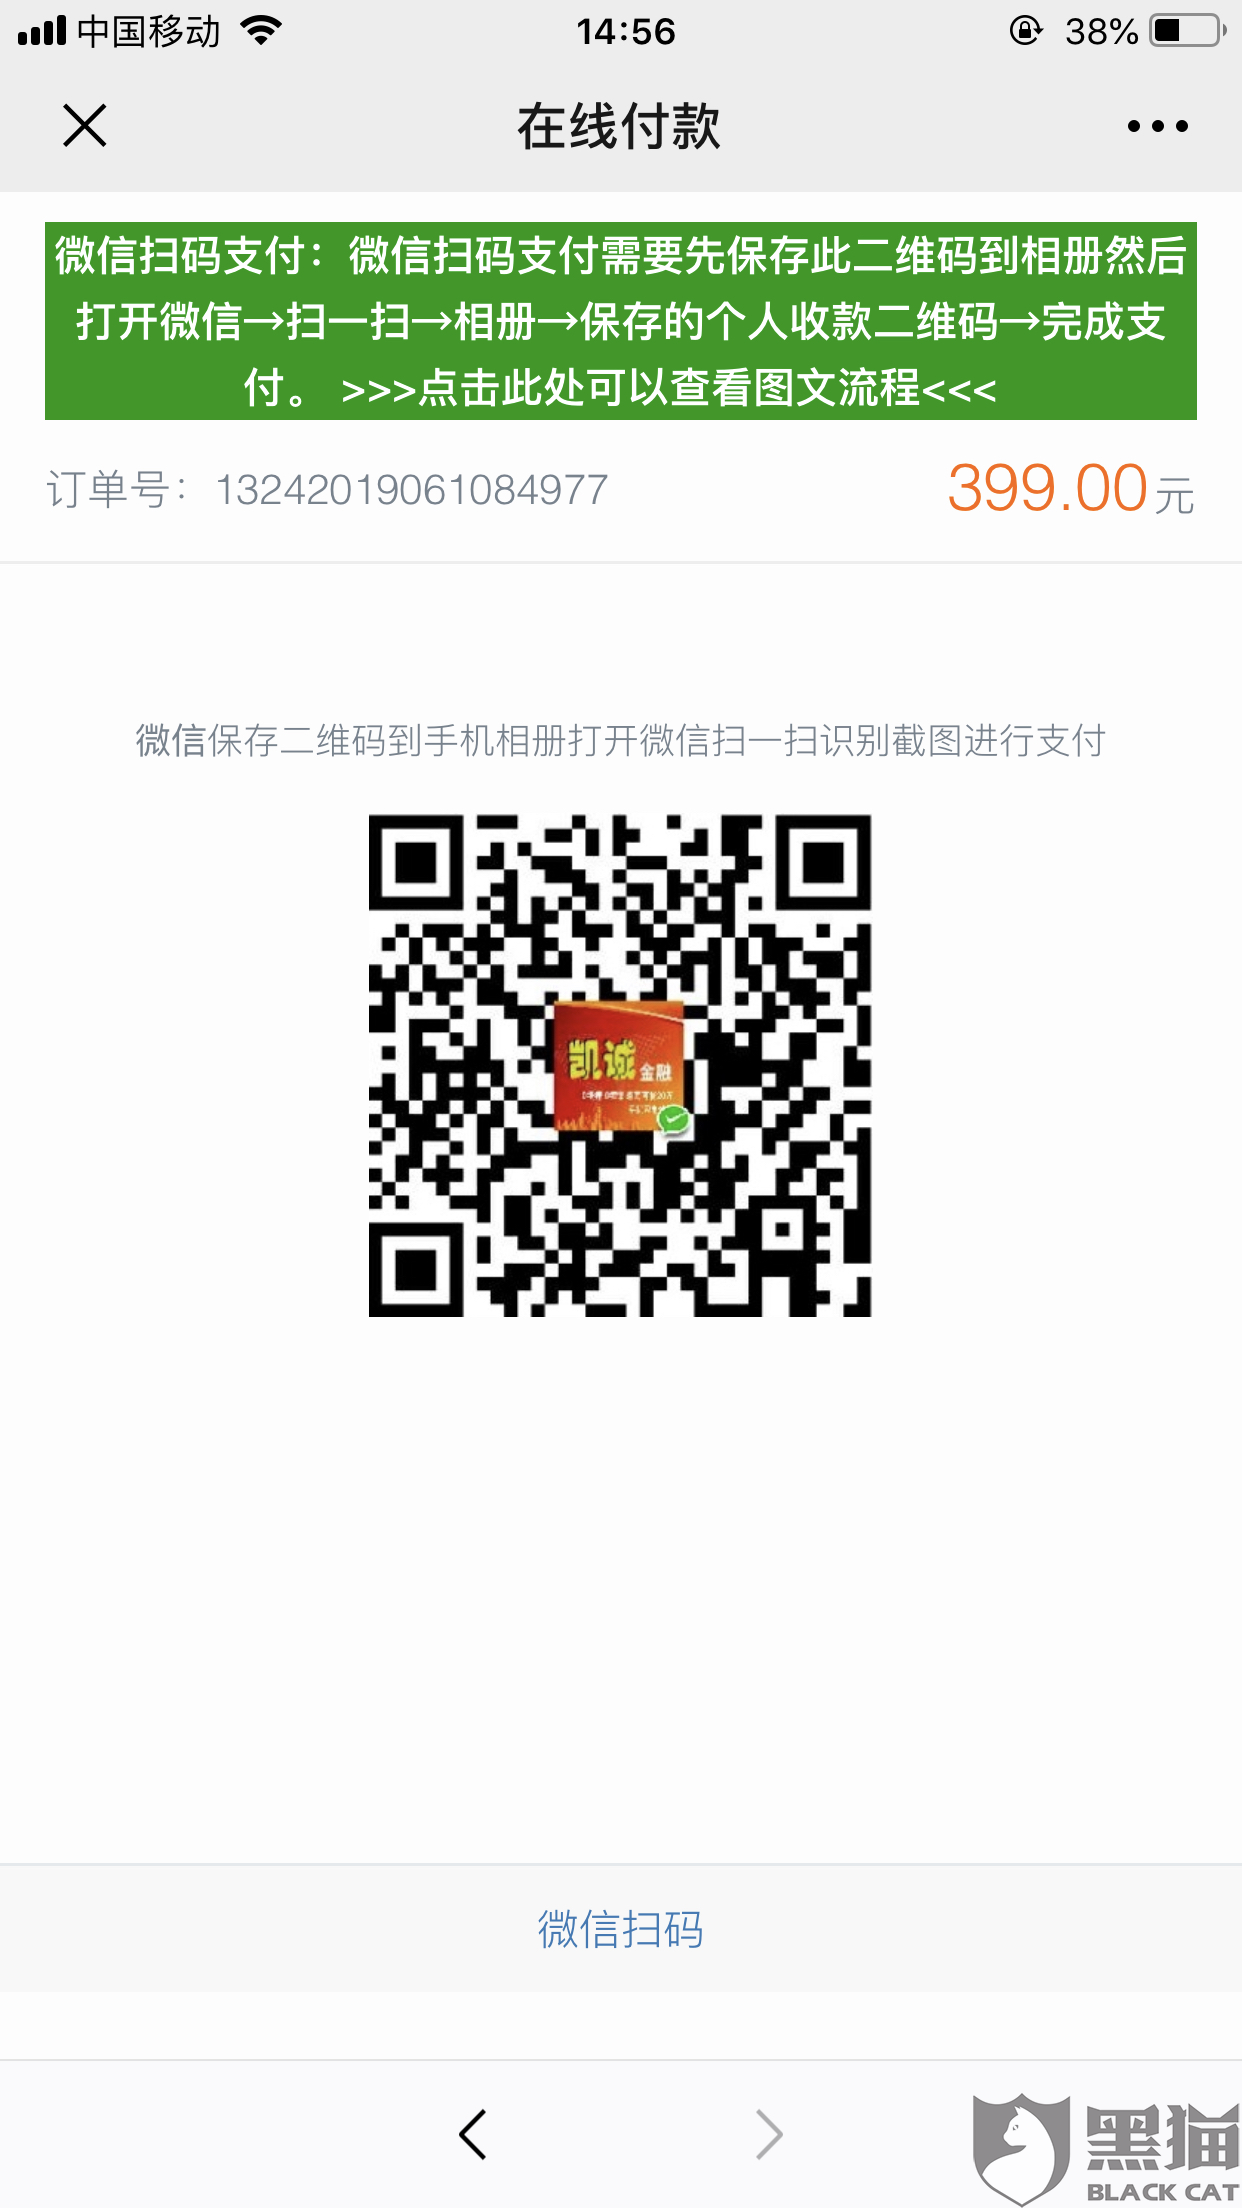 黑猫投诉:凯诚金融吴迪昂评论诈骗会员费,以及贷款!